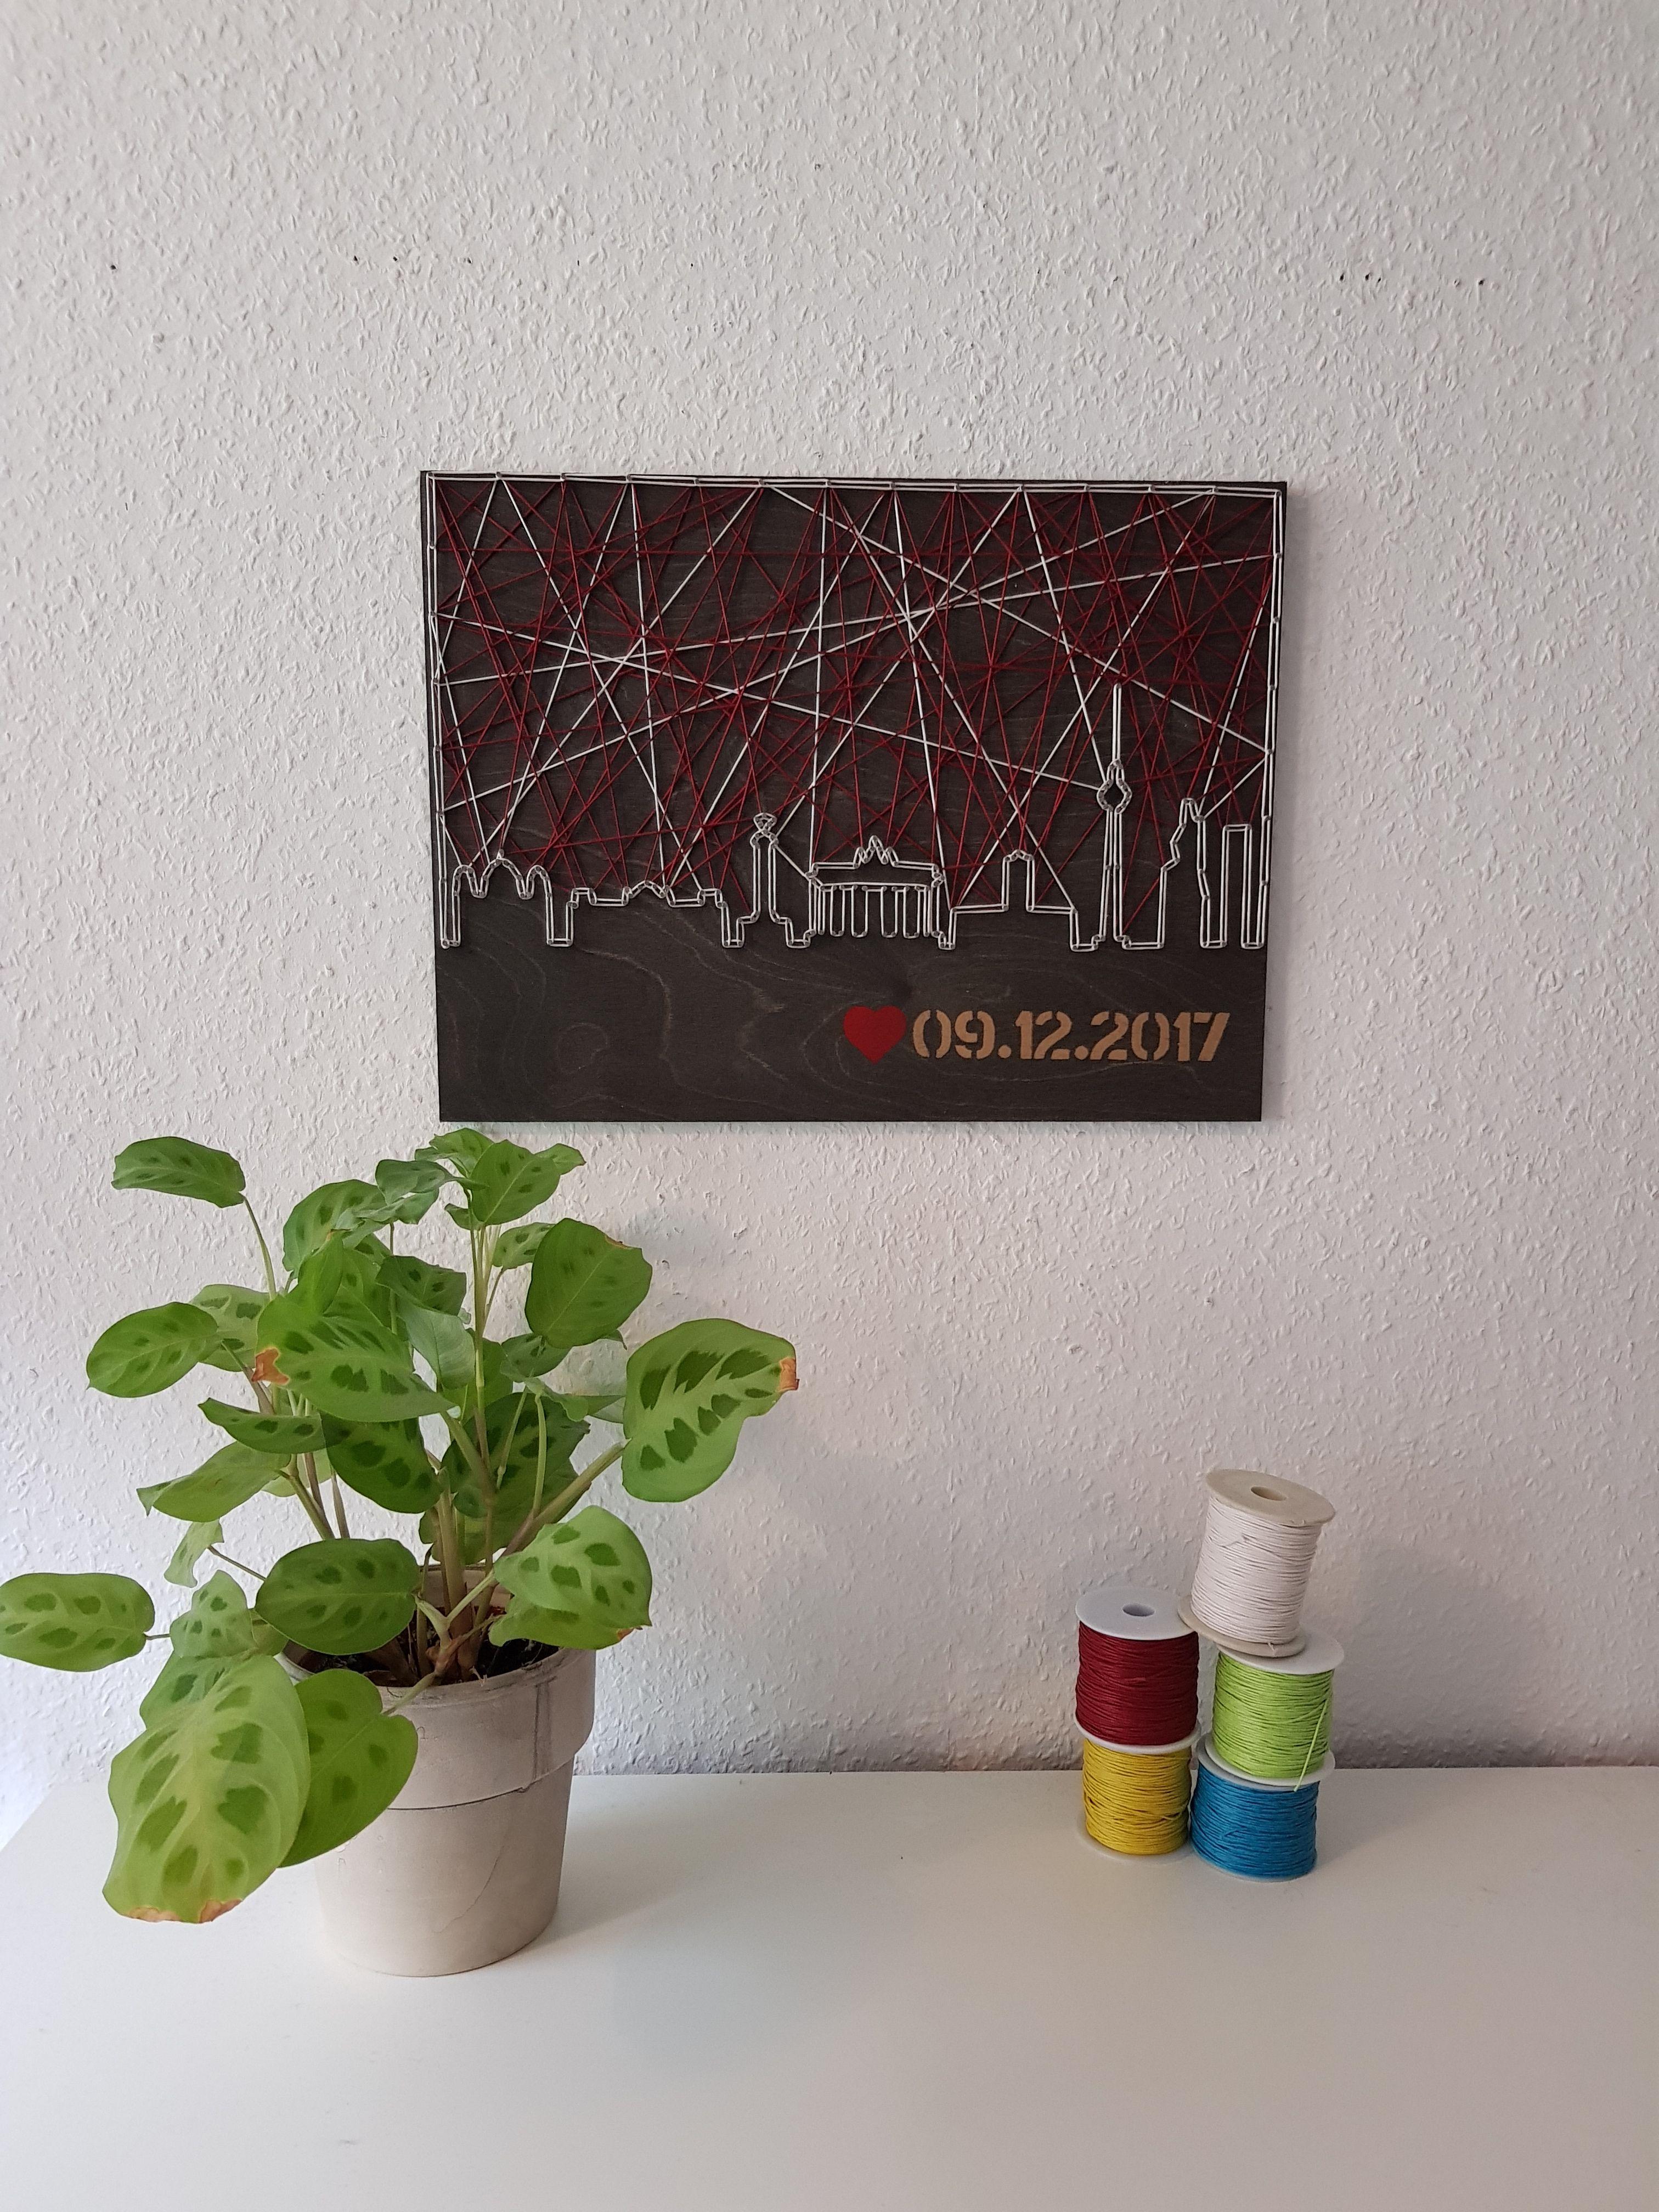 Stringart / Fadenbild der Skyline der Stadt Berlin mit Hochzeitsdatum - Hochzeitsgeschenk - handmade by schnuerstueck